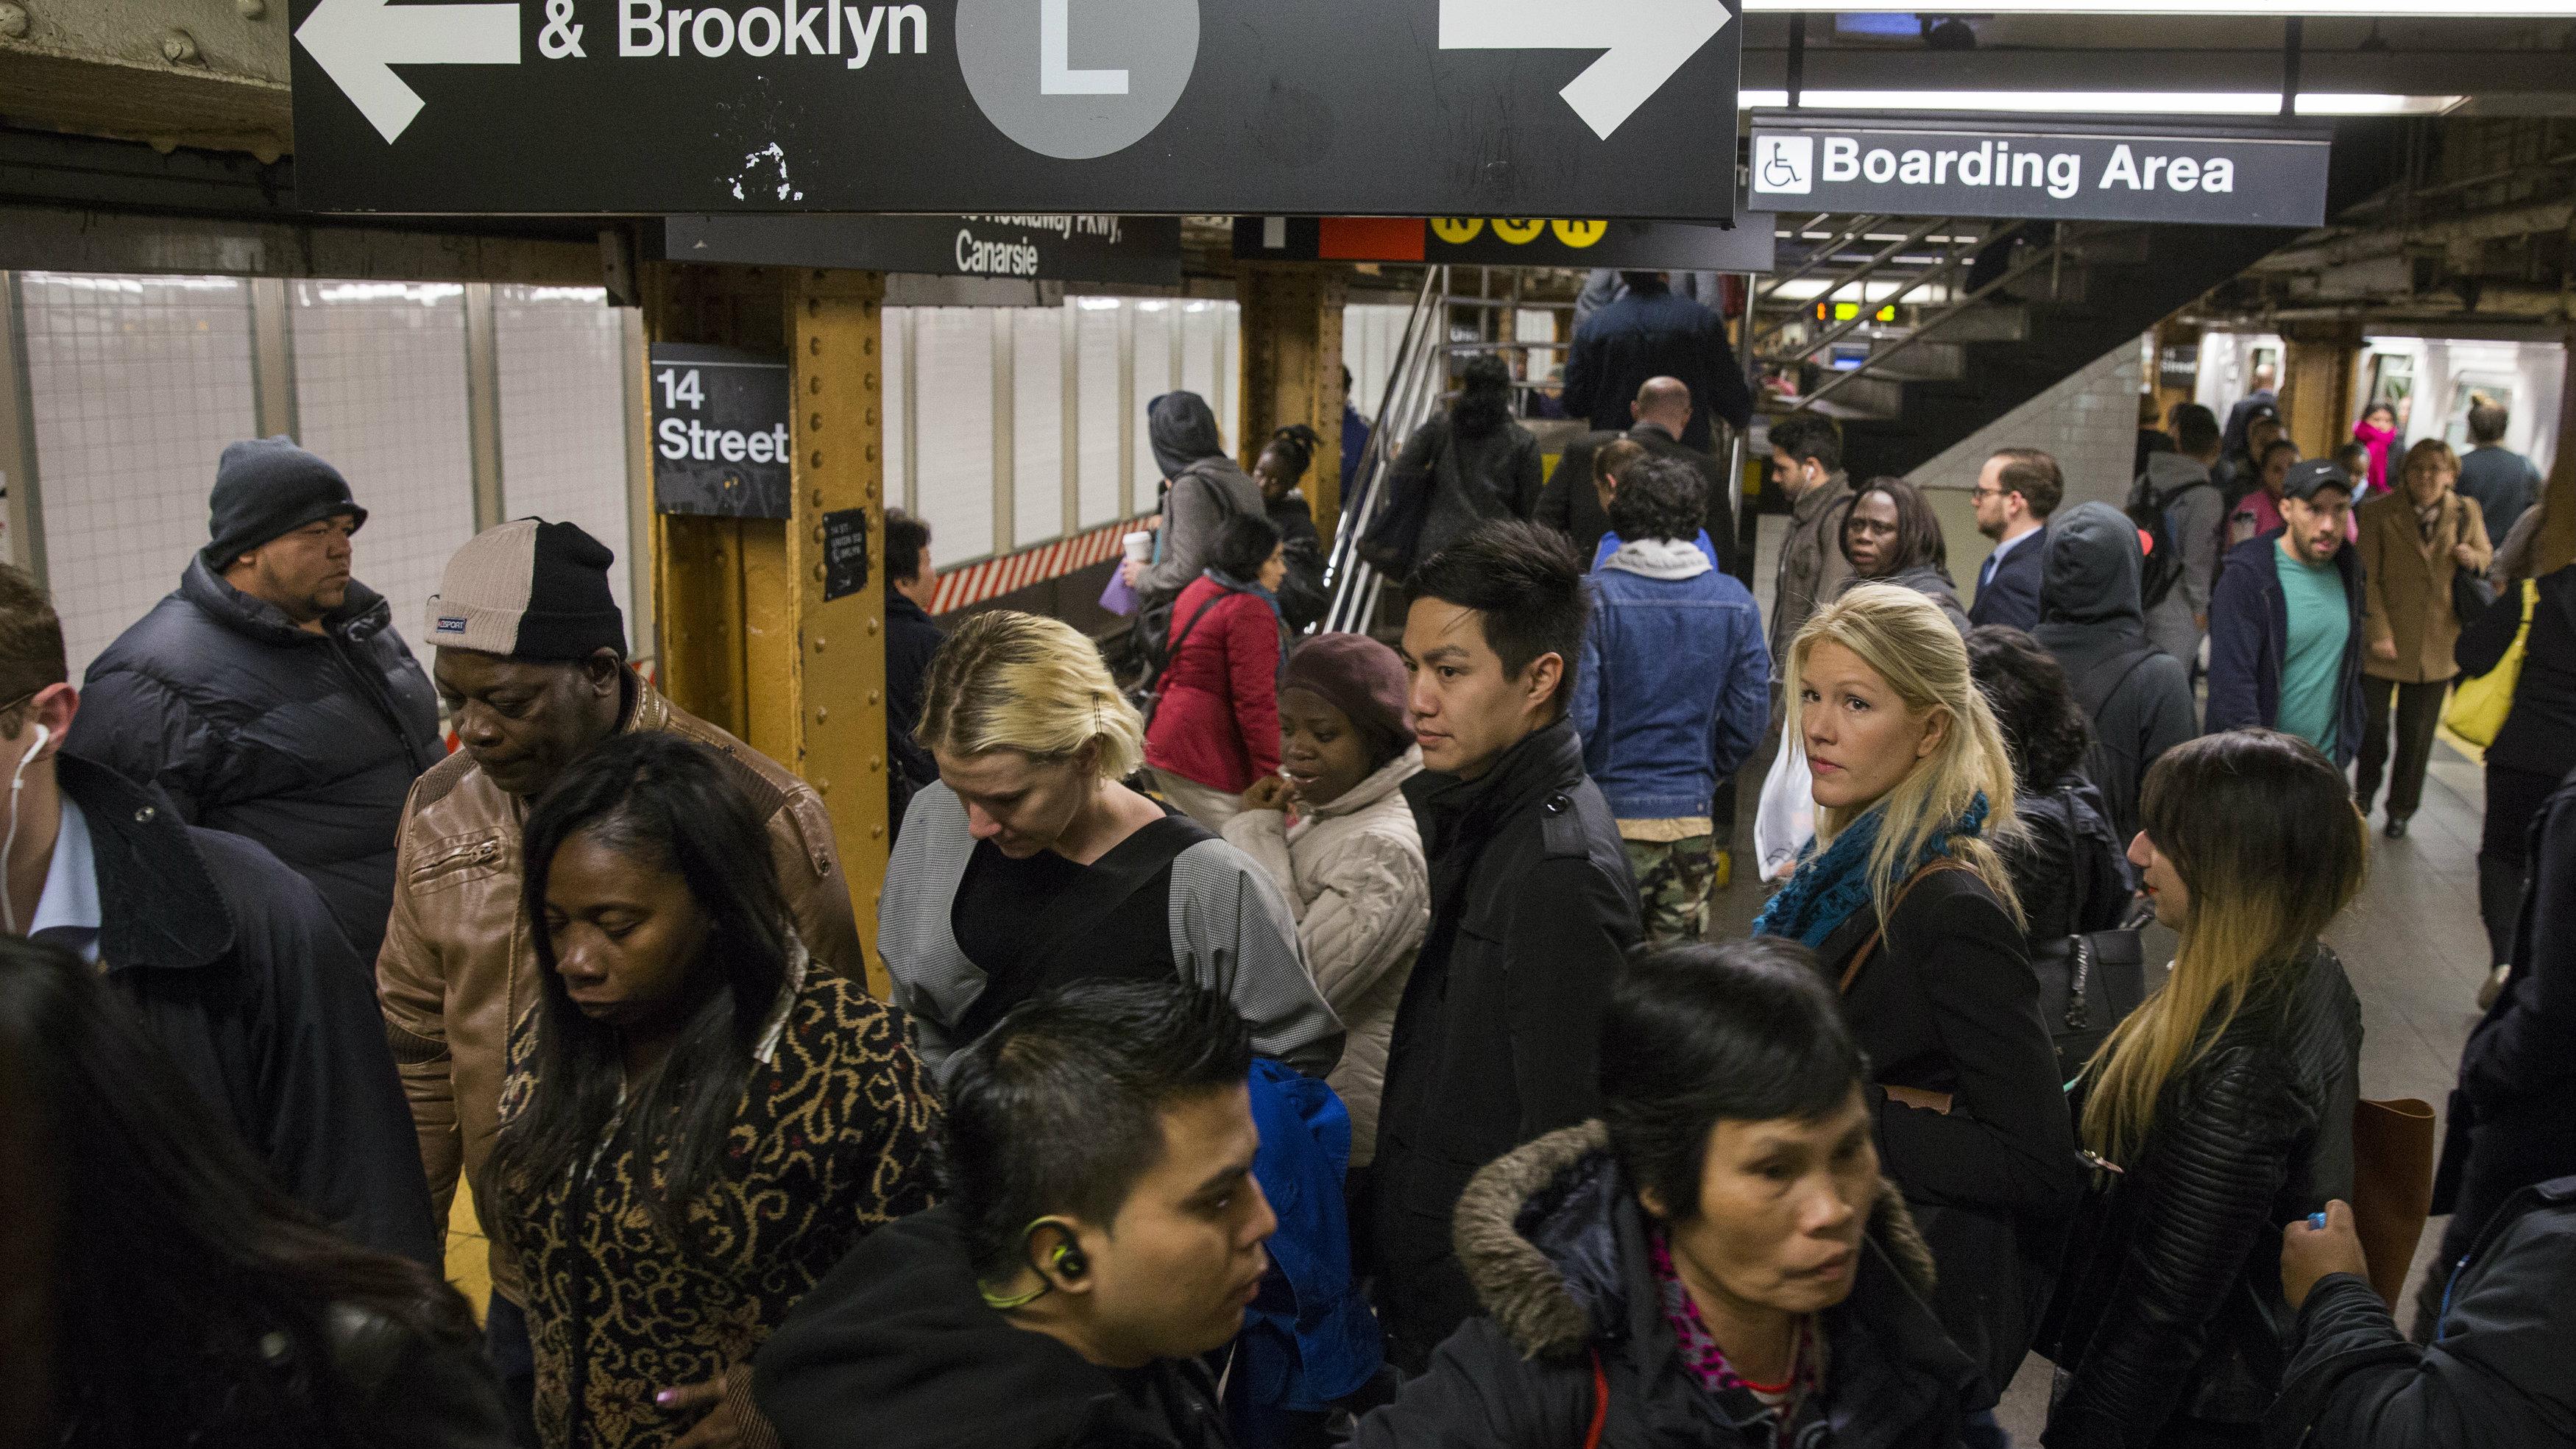 NY subway commuters